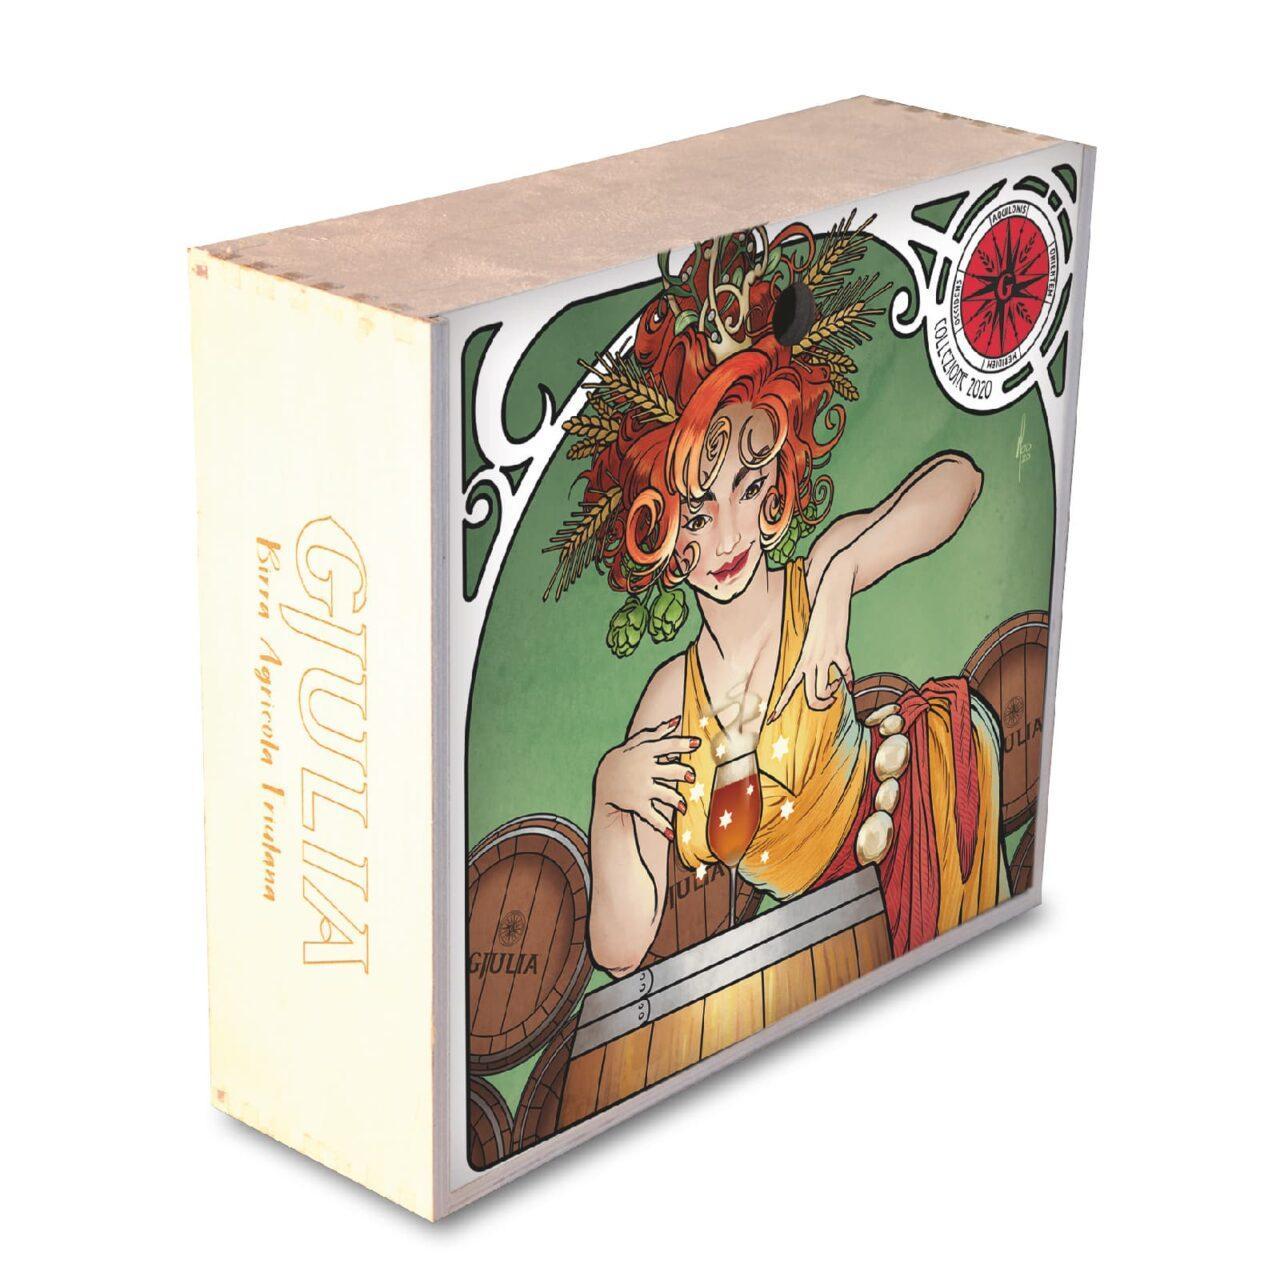 cassette di legno 2020 da collezione 4 o 5 bottiglie